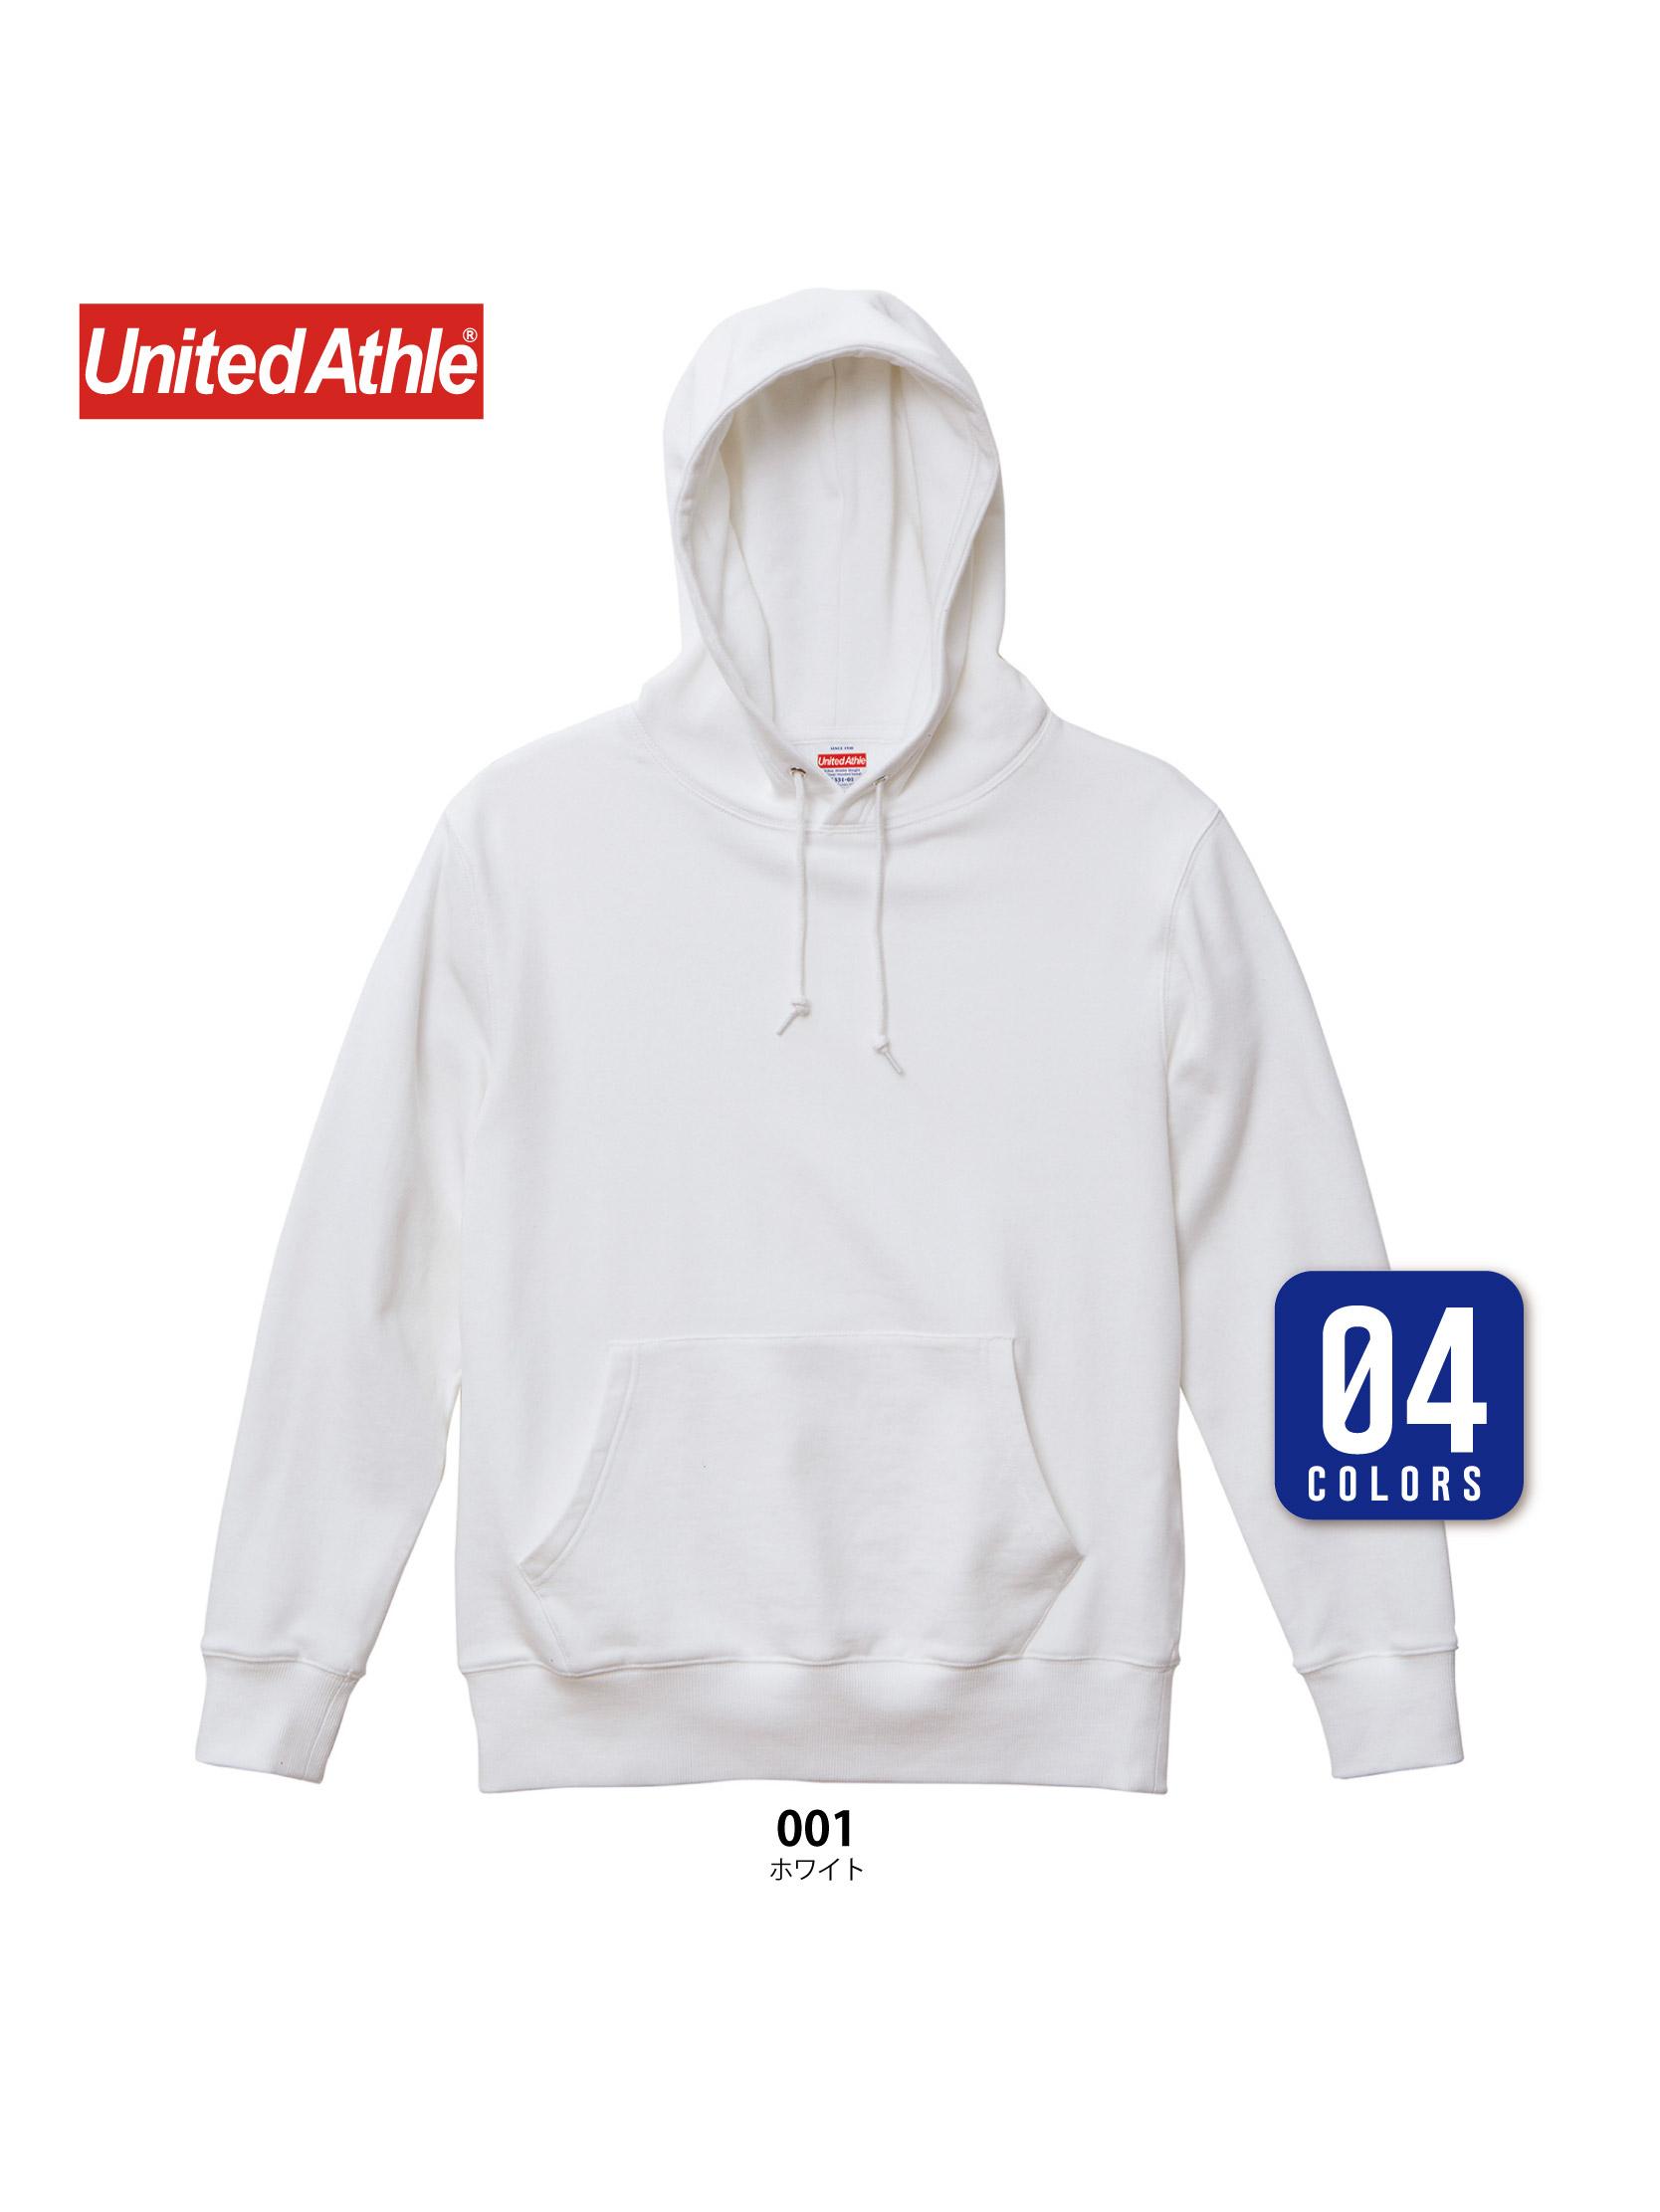 5331-01 8.8oz ミドルウェイトスウェットプルオーバーパーカ(裏パイル)(United Athle)